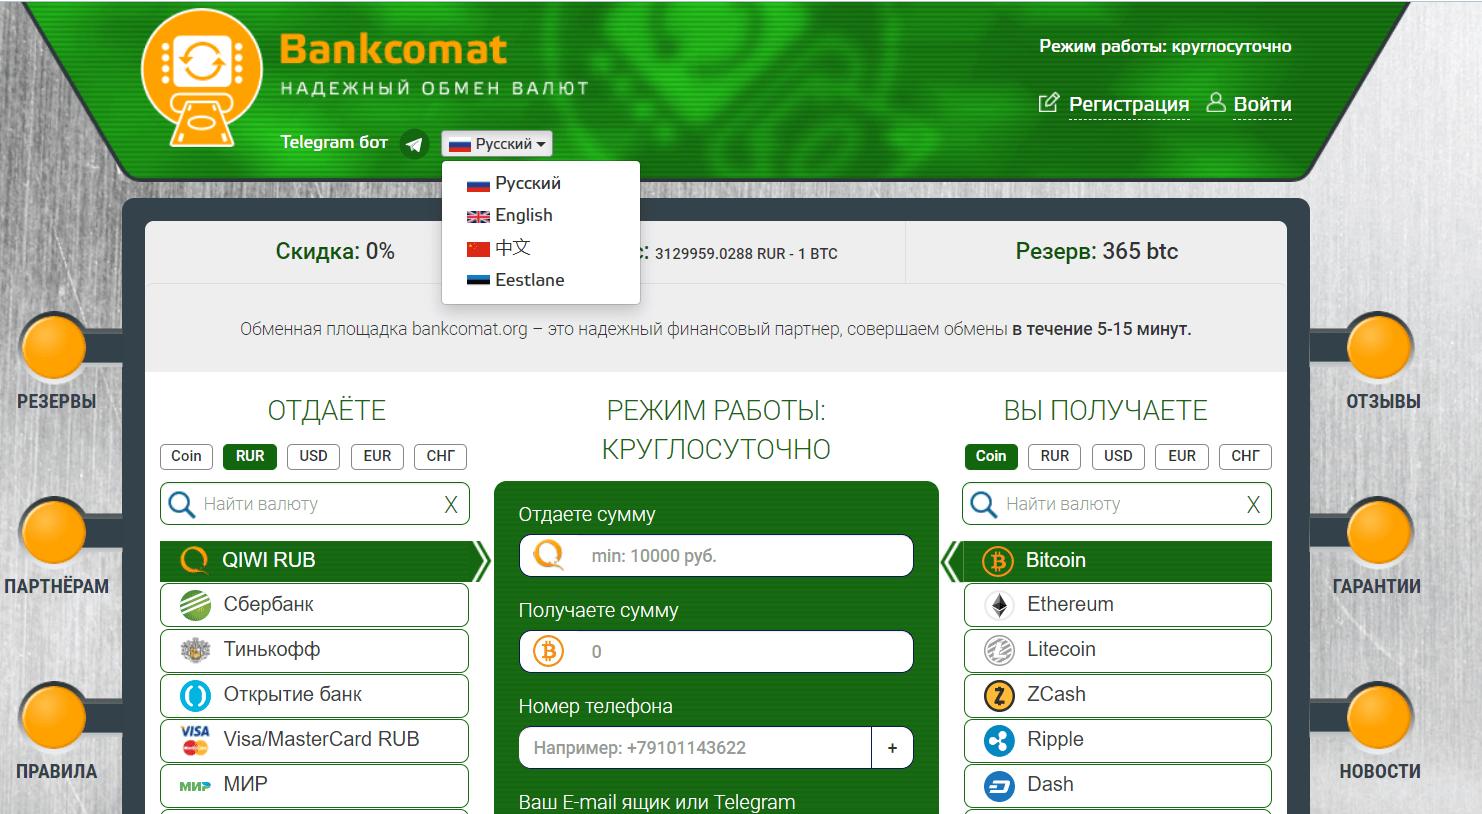 Информация об обменном сервисе Bankcomat, Фото № 1 - 1-consult.net